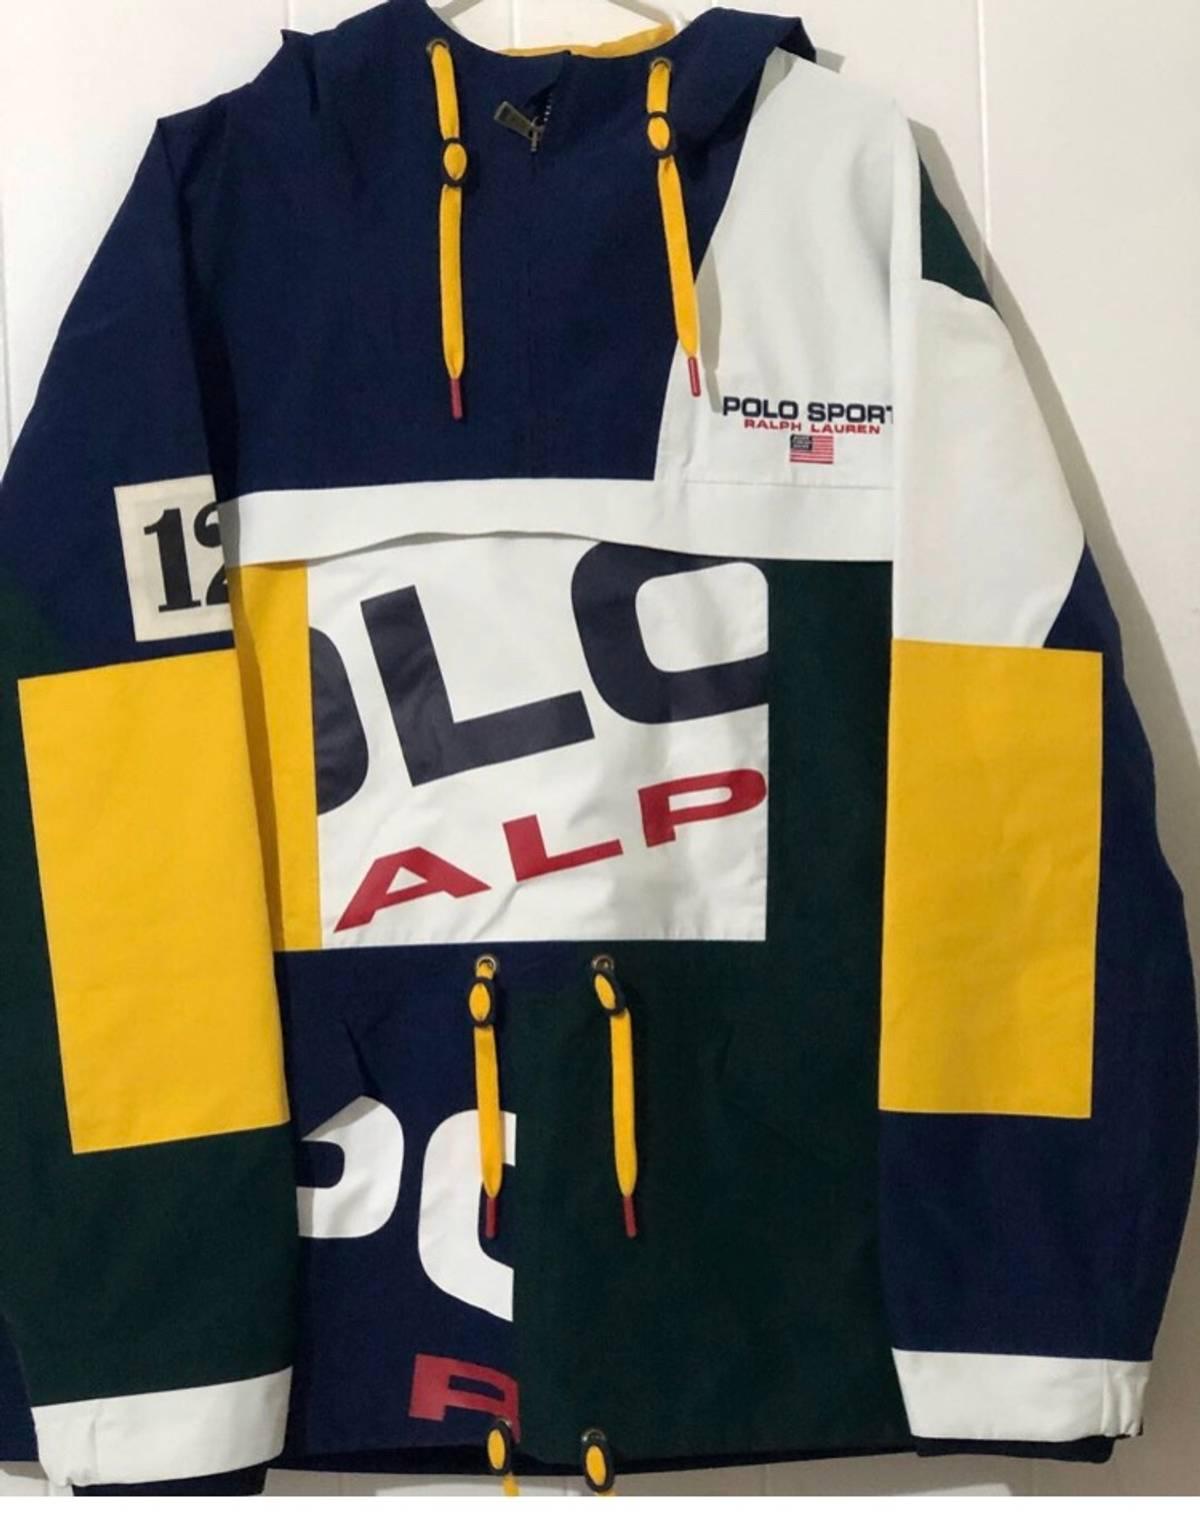 Ralph Polo Sport M250 Lauren PilulloverSize 2019 7g6bvYfy